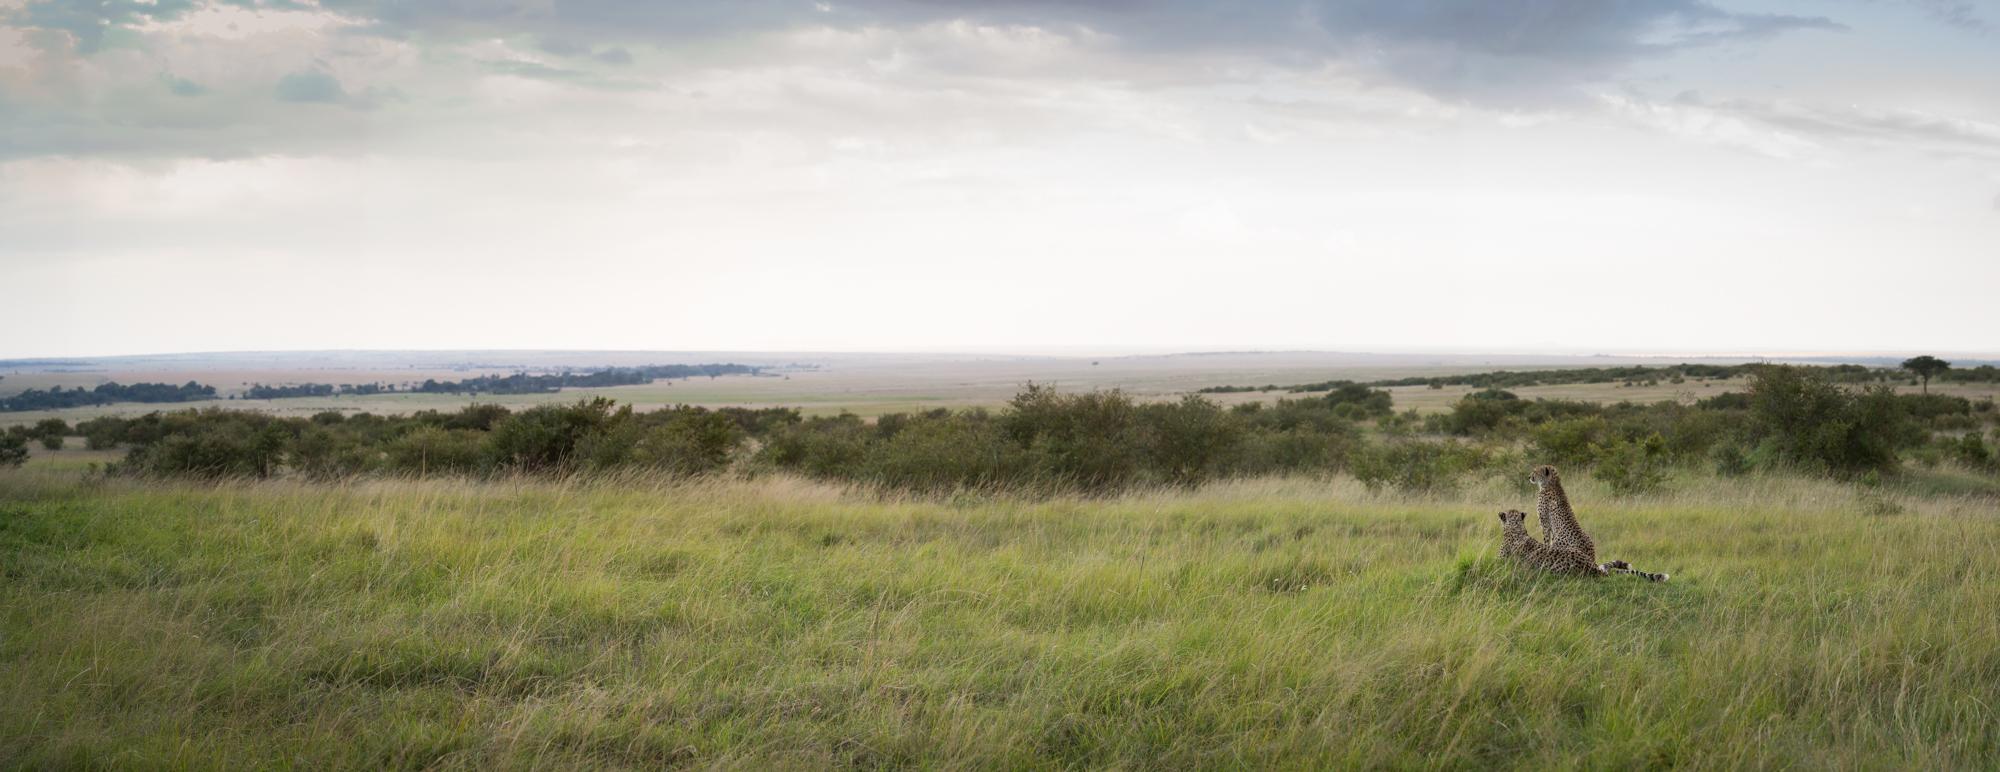 Mara Plains-8